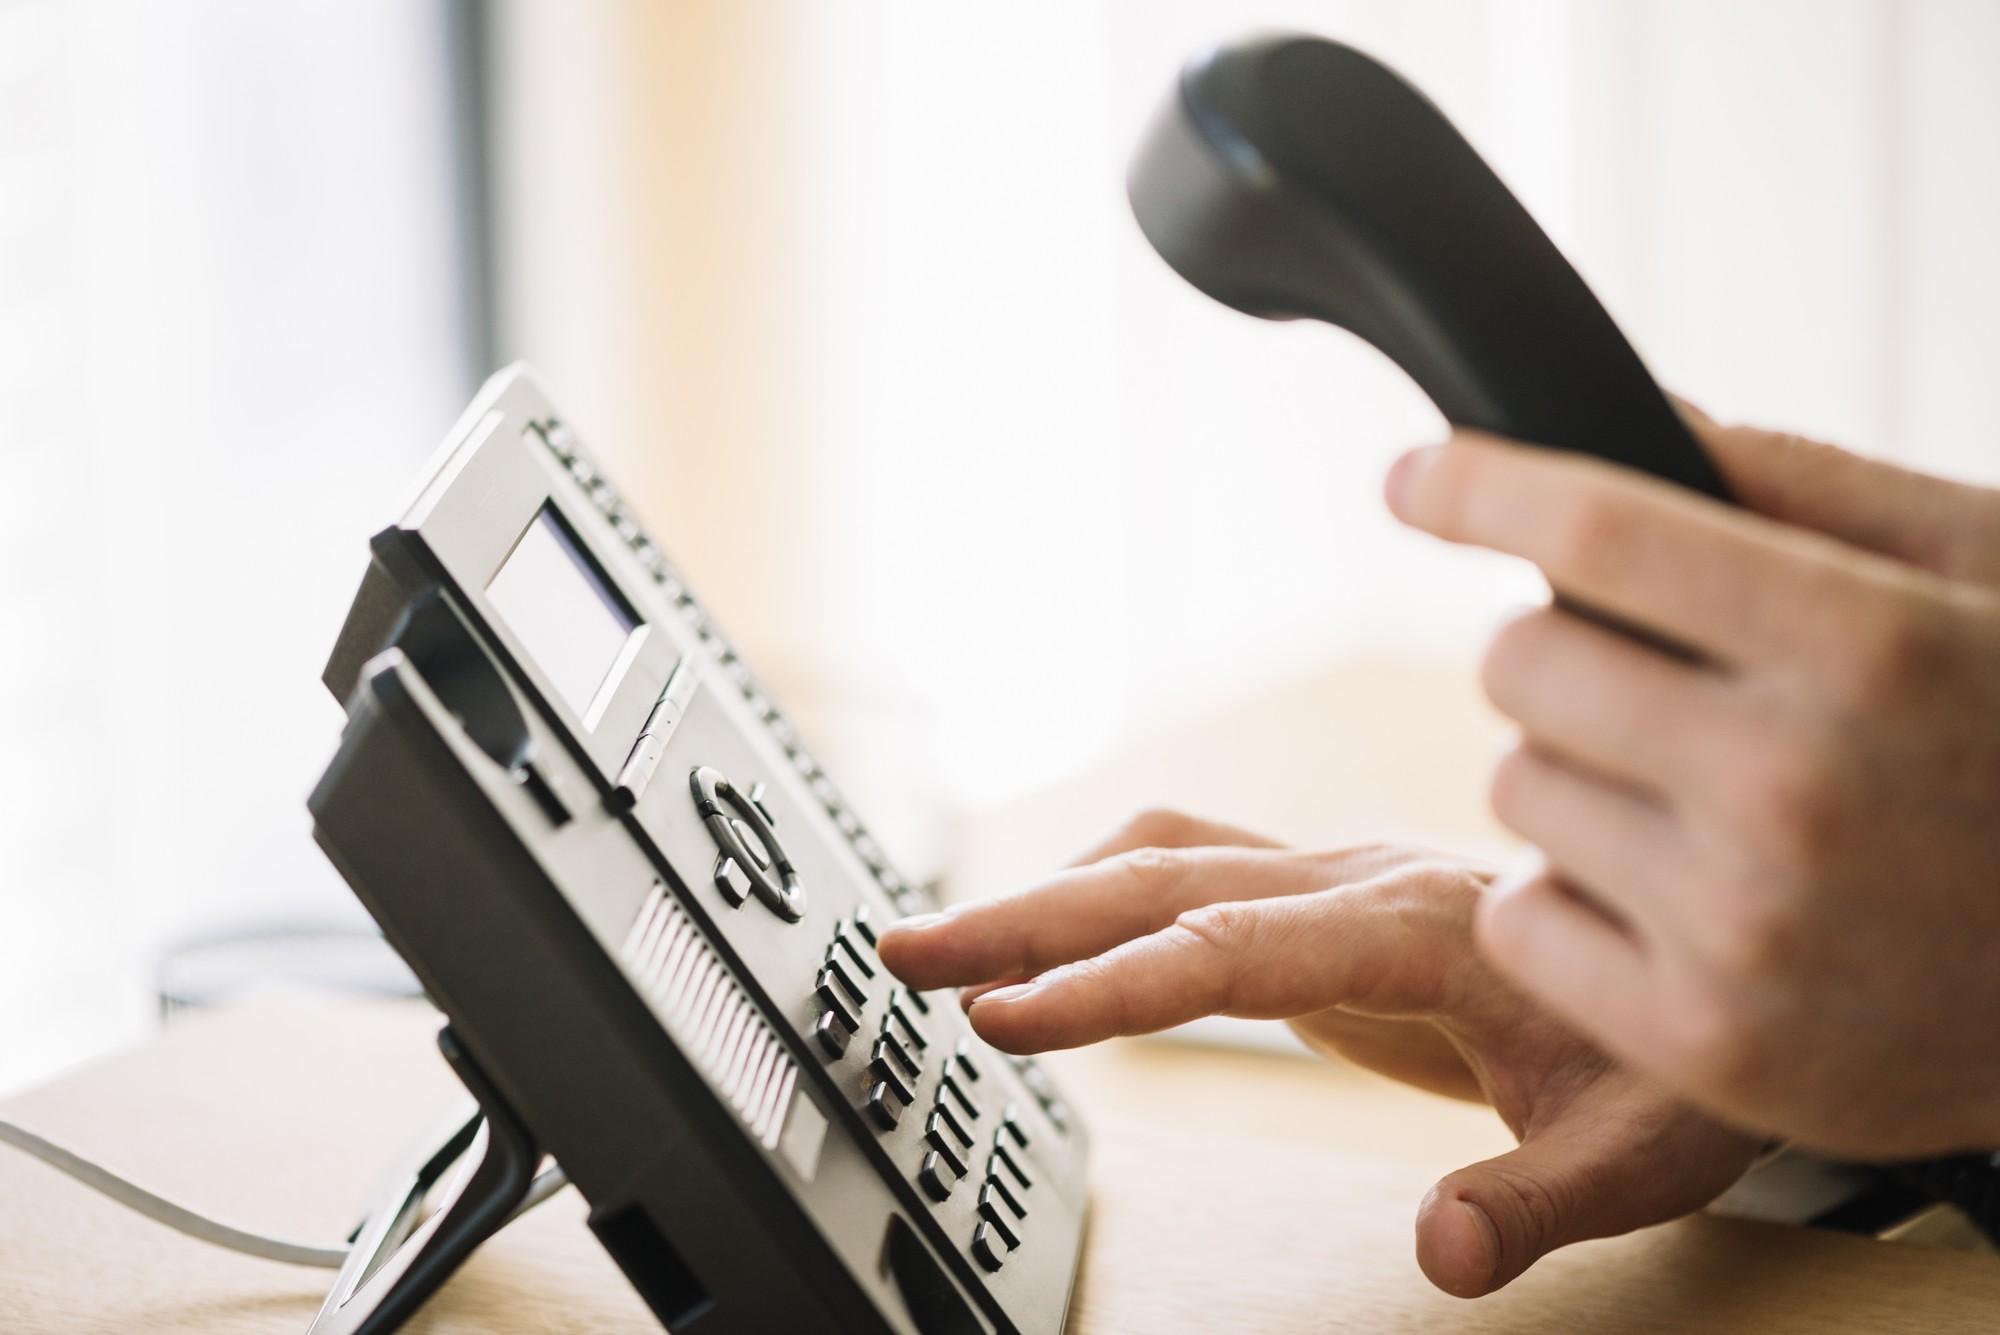 預約系統,預約管理,報名系統,邀約訂單,線上預約,表單管理